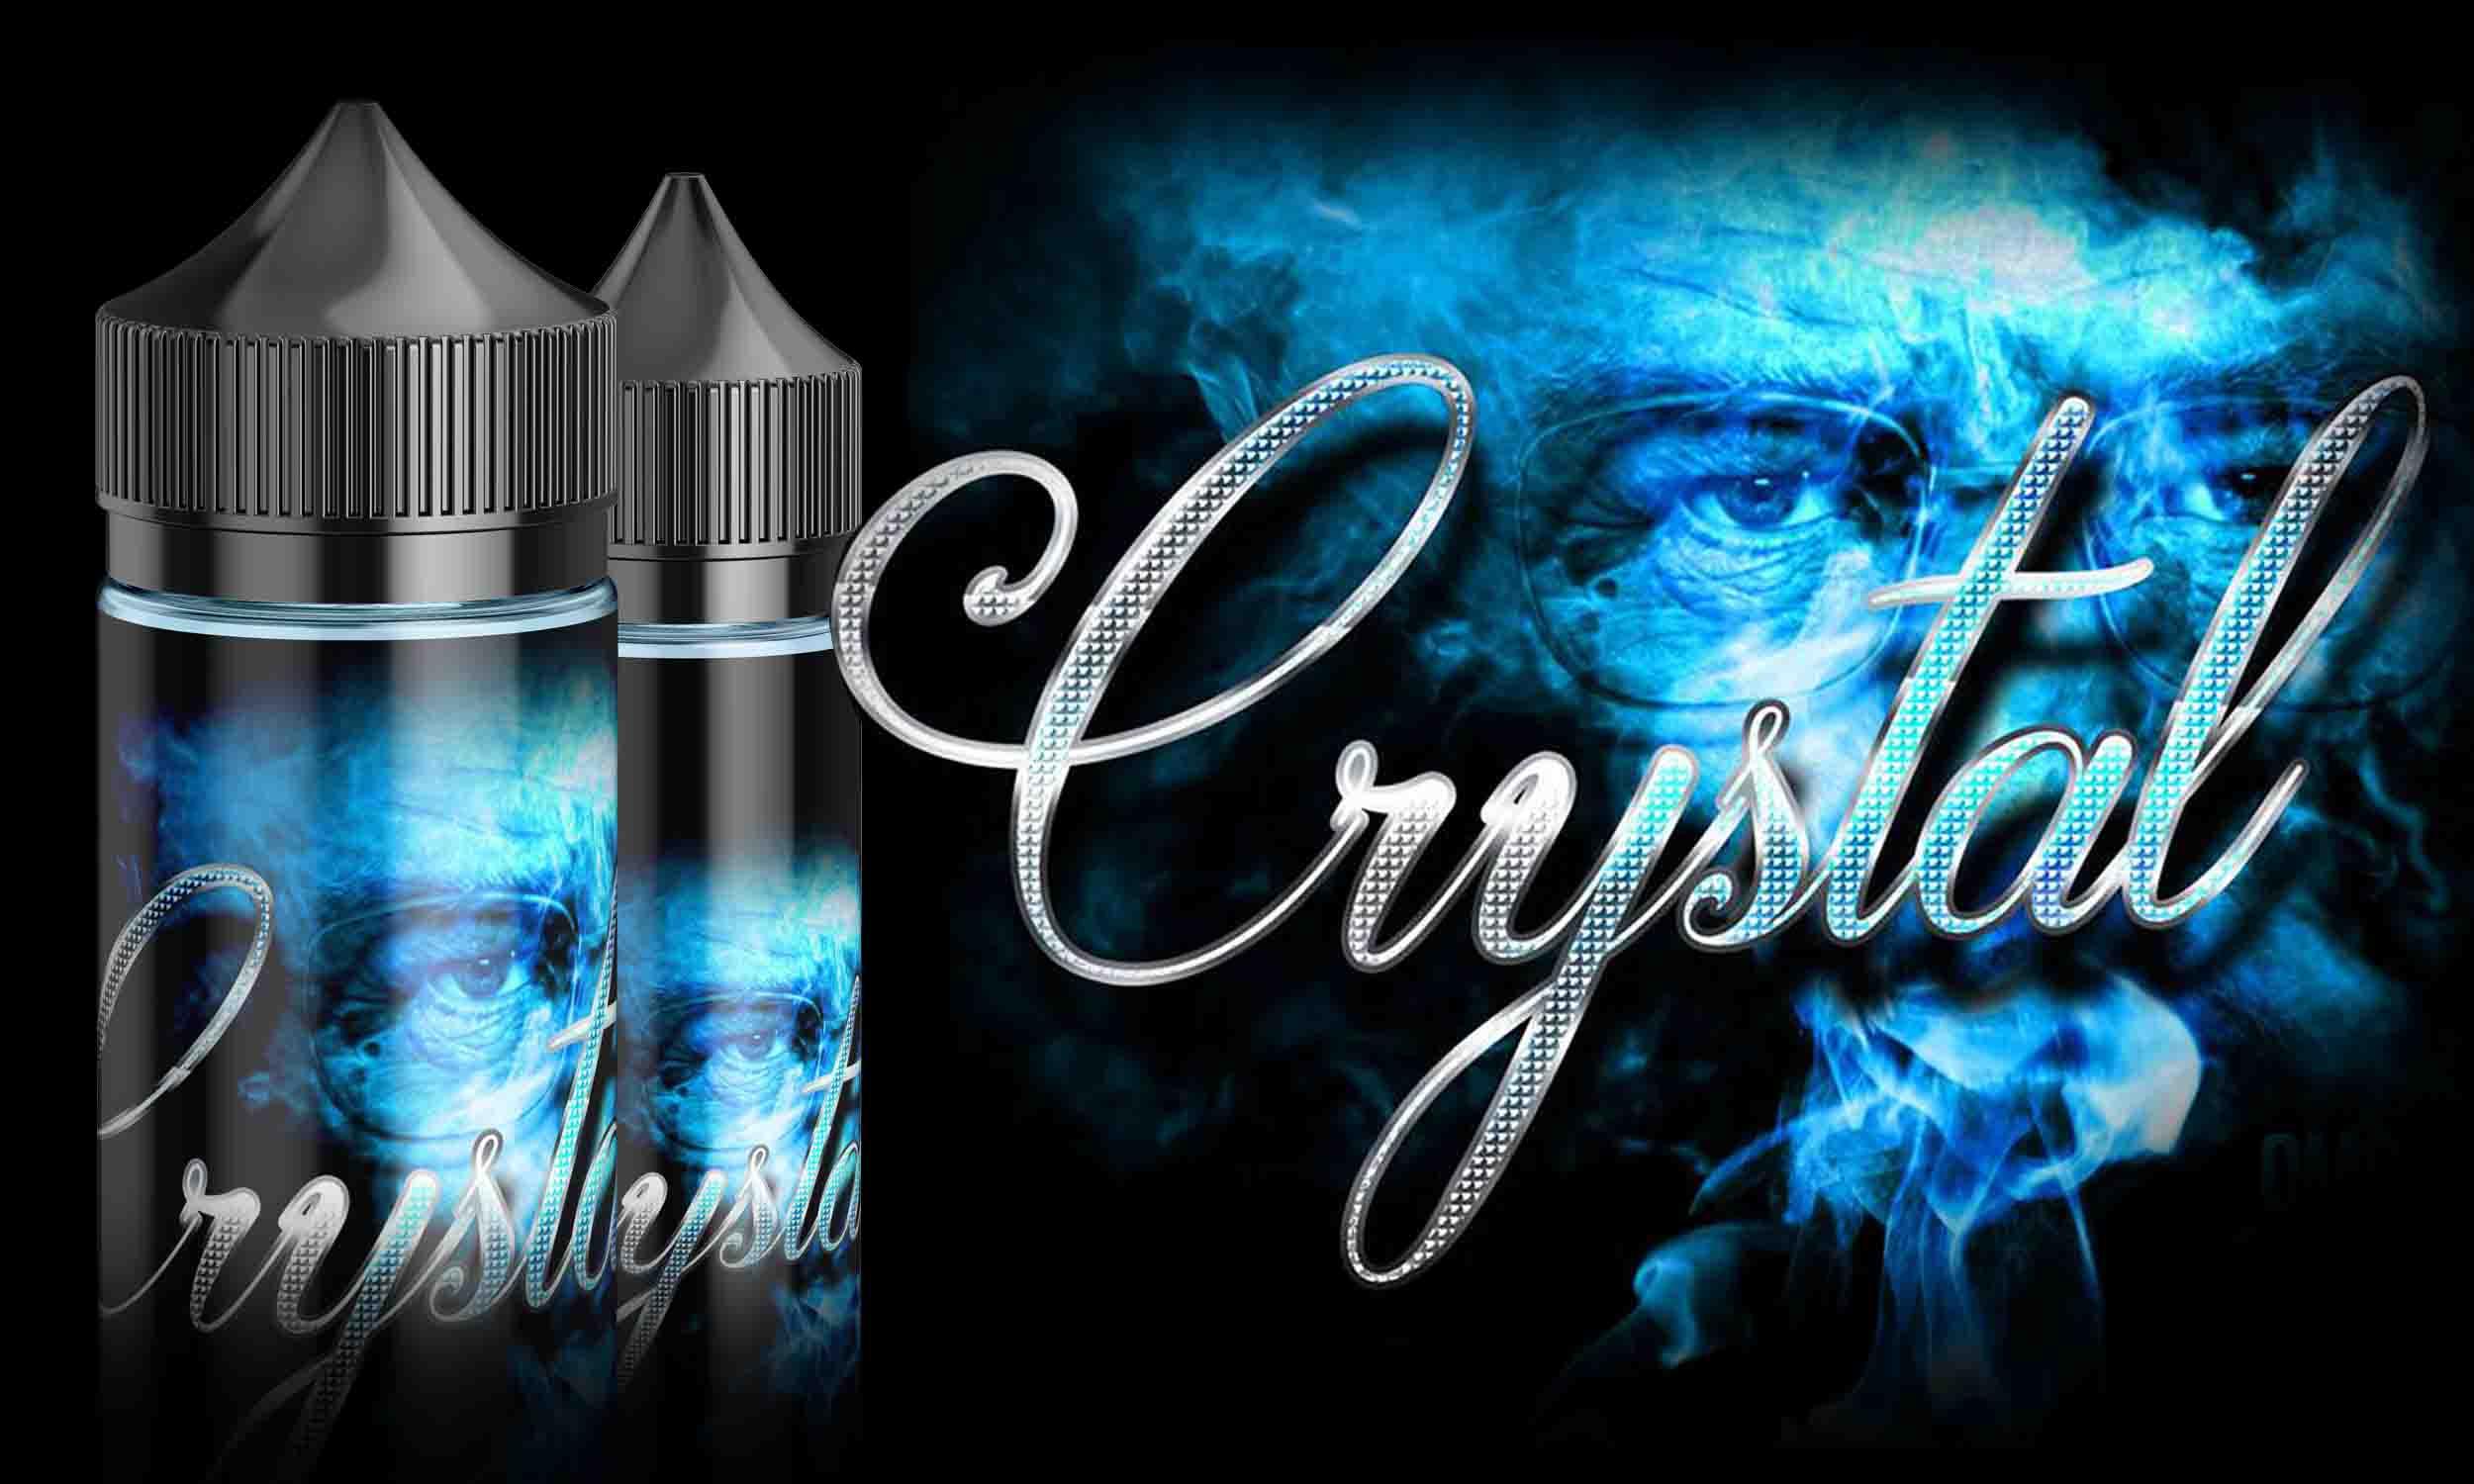 Crystal_vapour-Love_eliquids.jpg